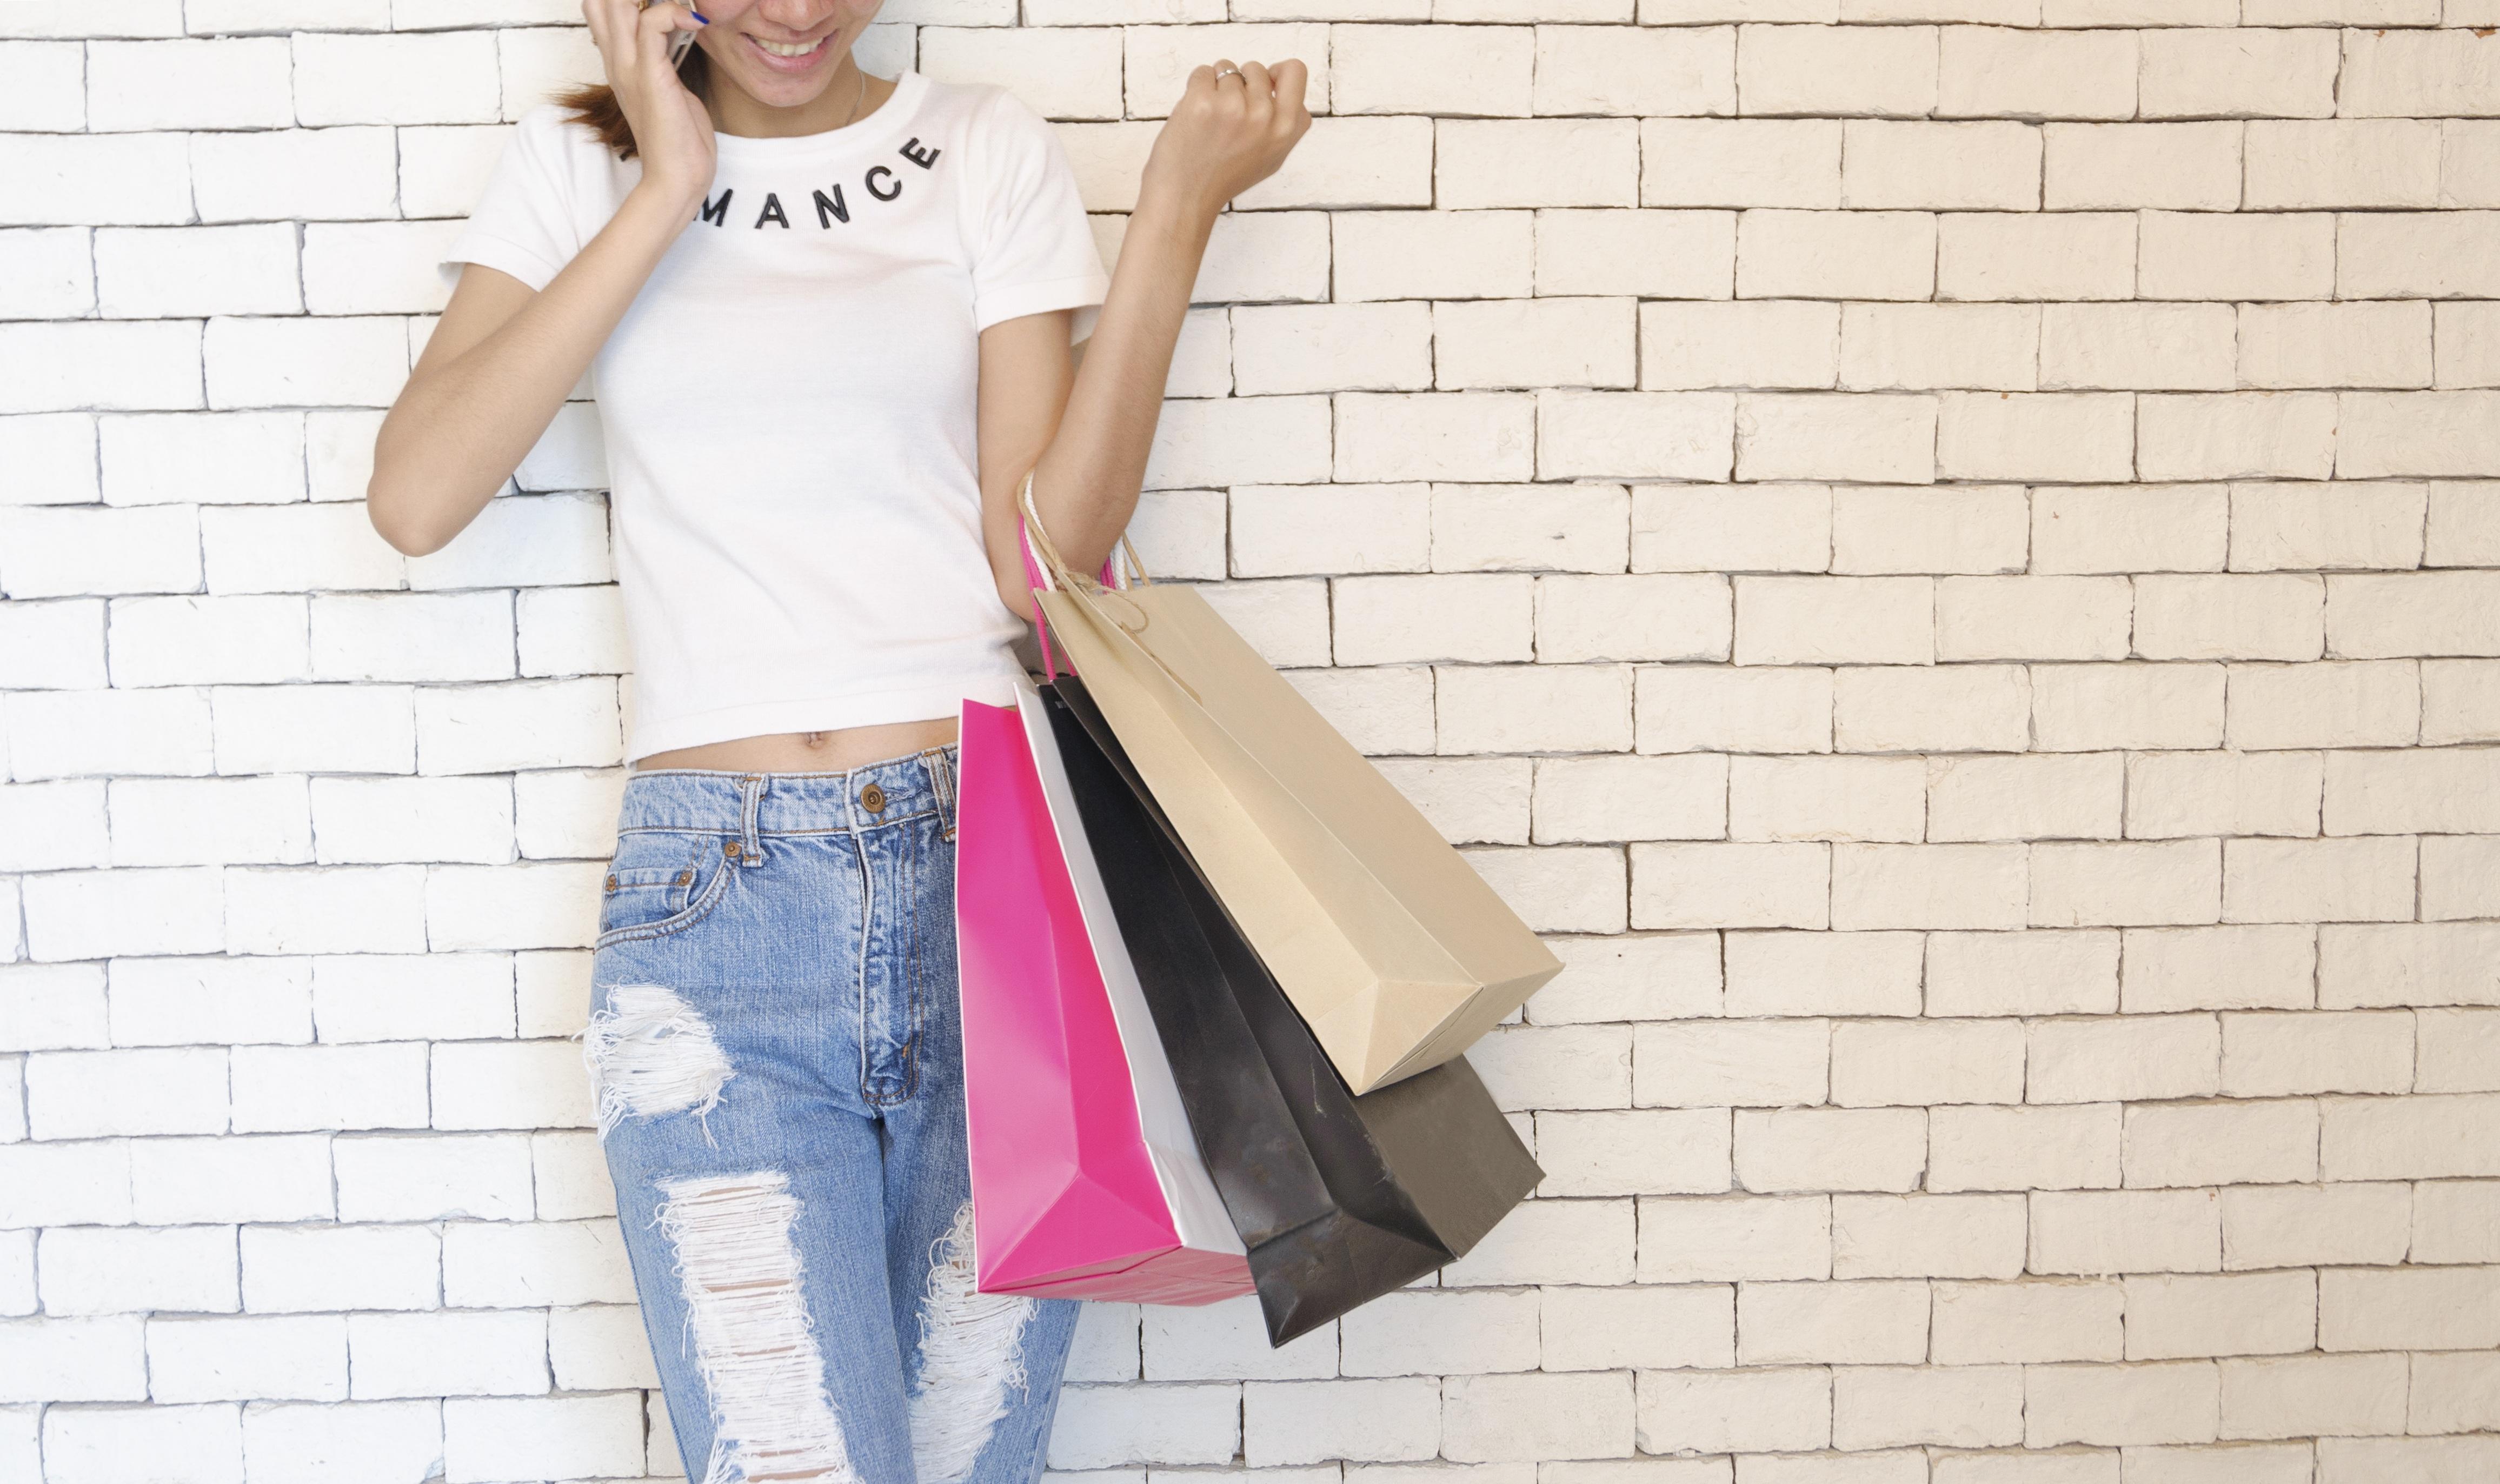 חמש עצות לקניות סביבתיות בחגים